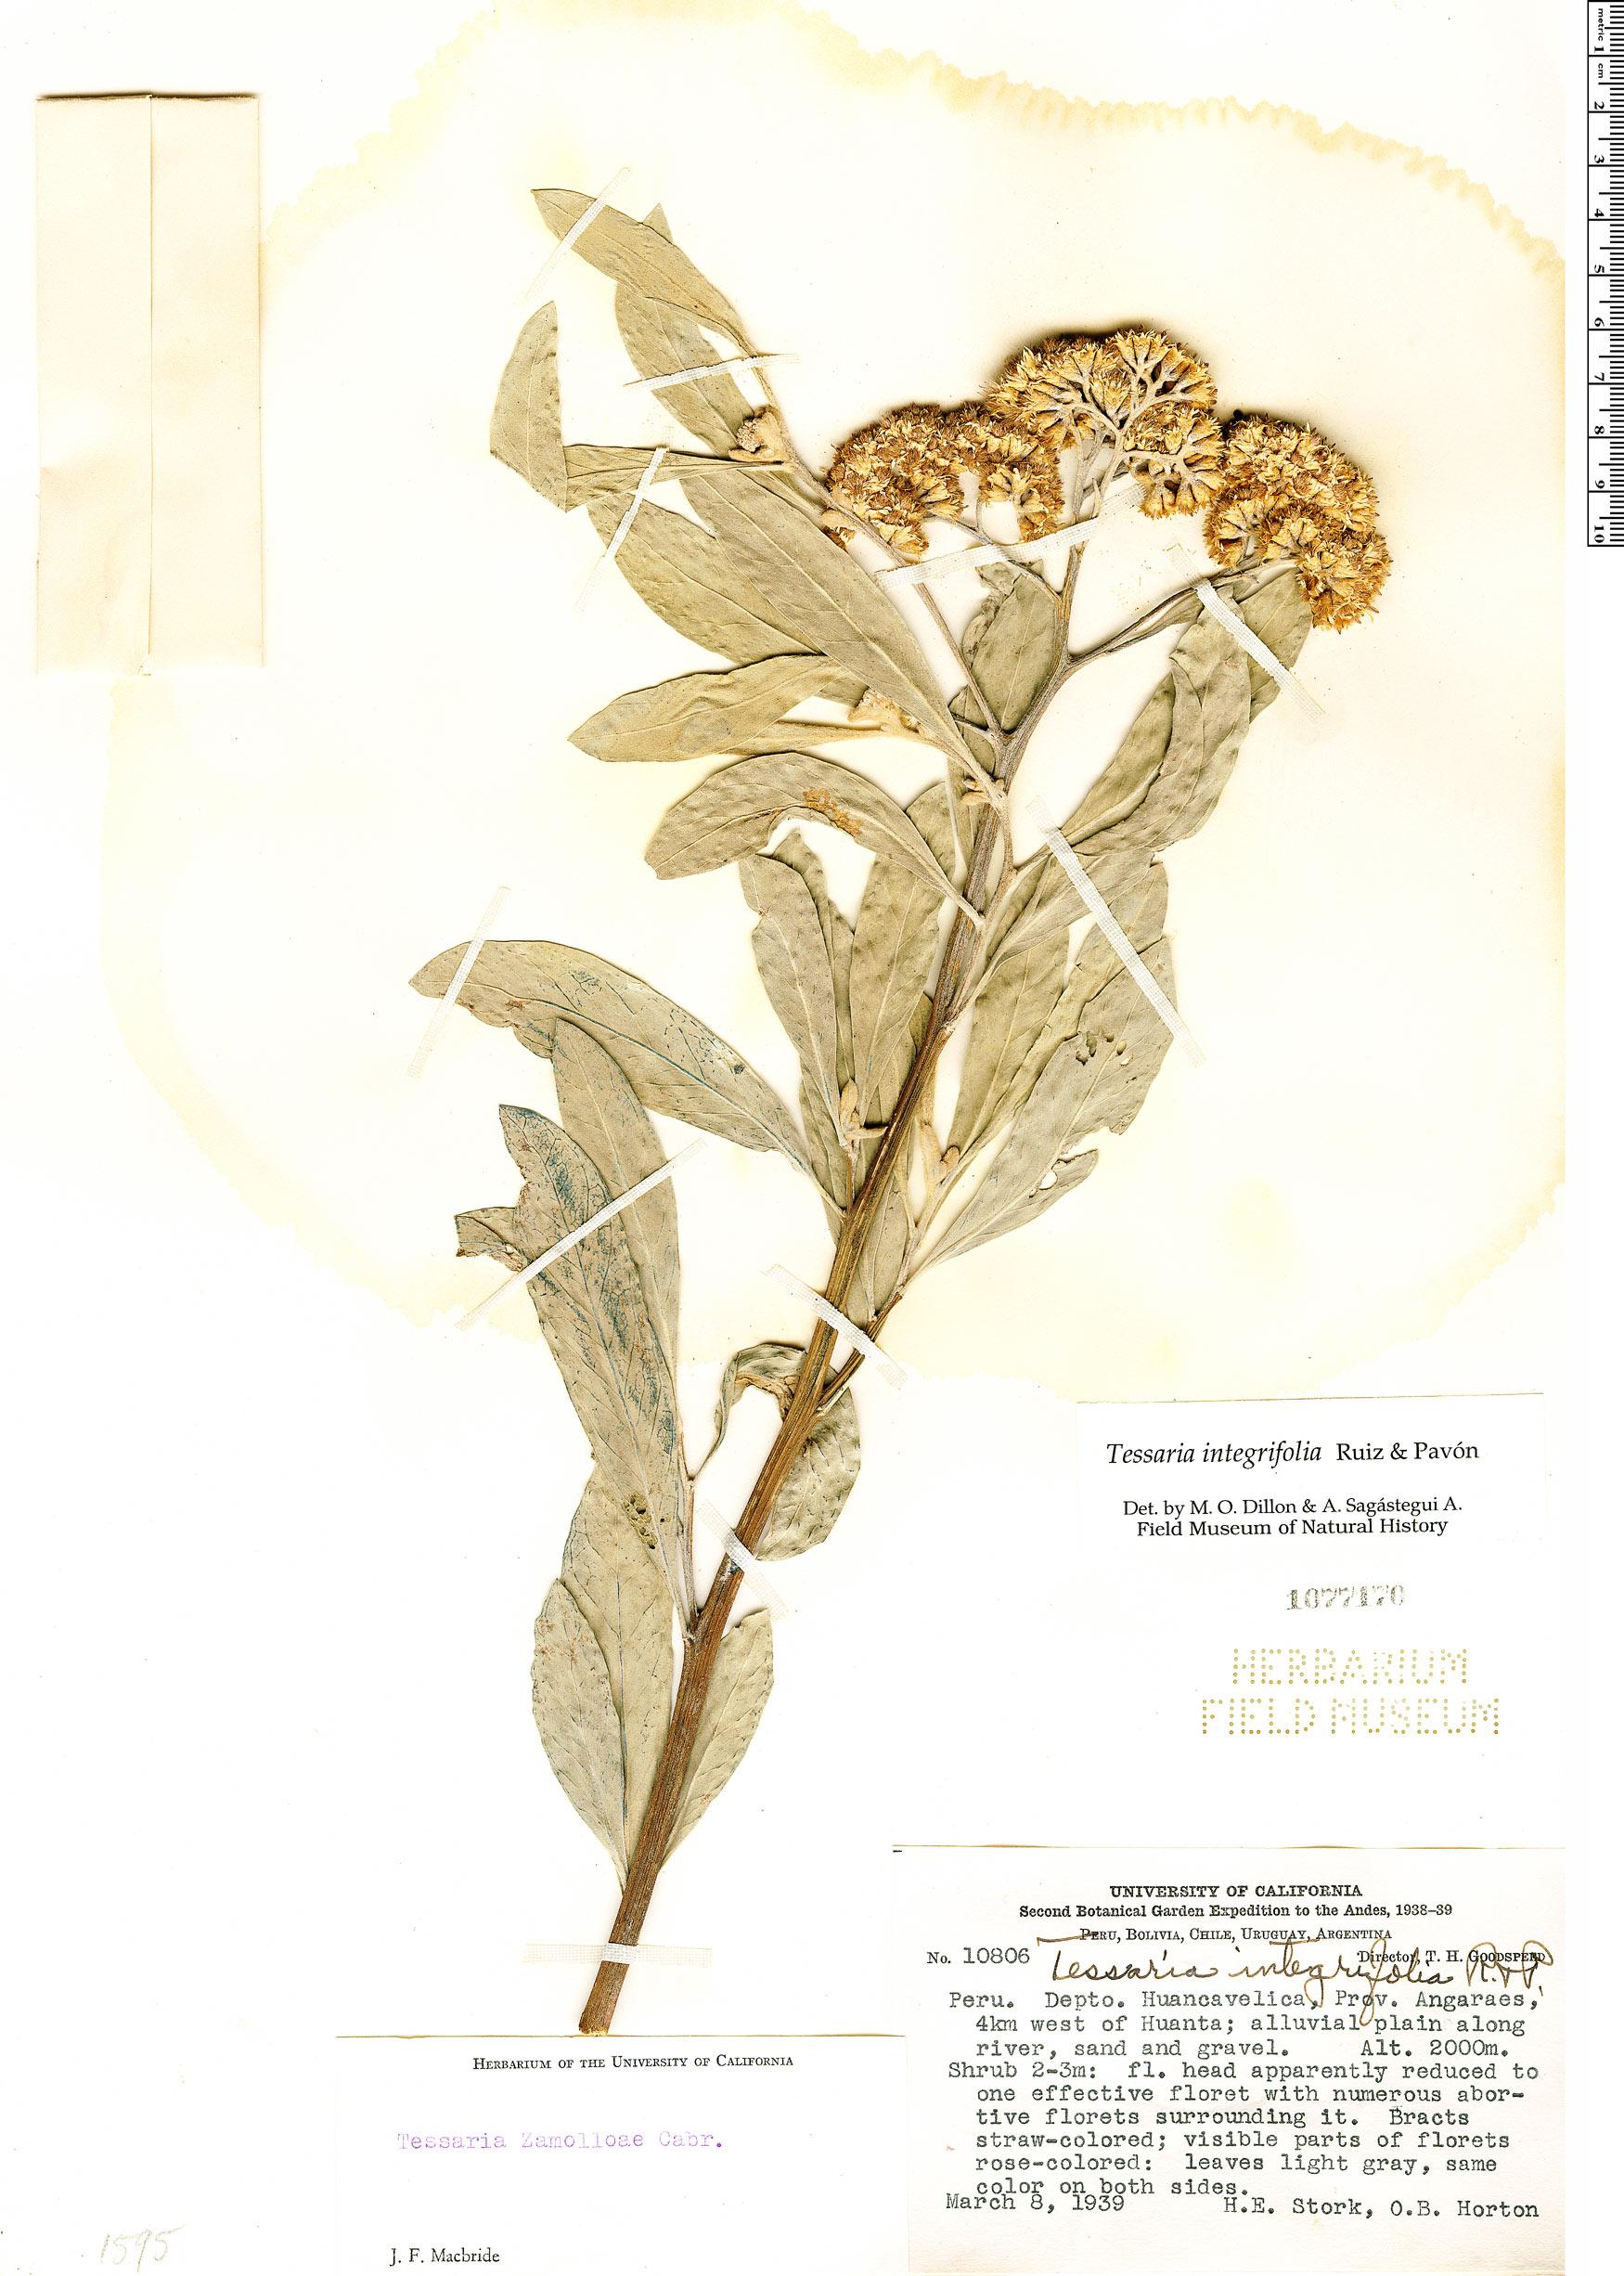 Specimen: Tessaria integrifolia